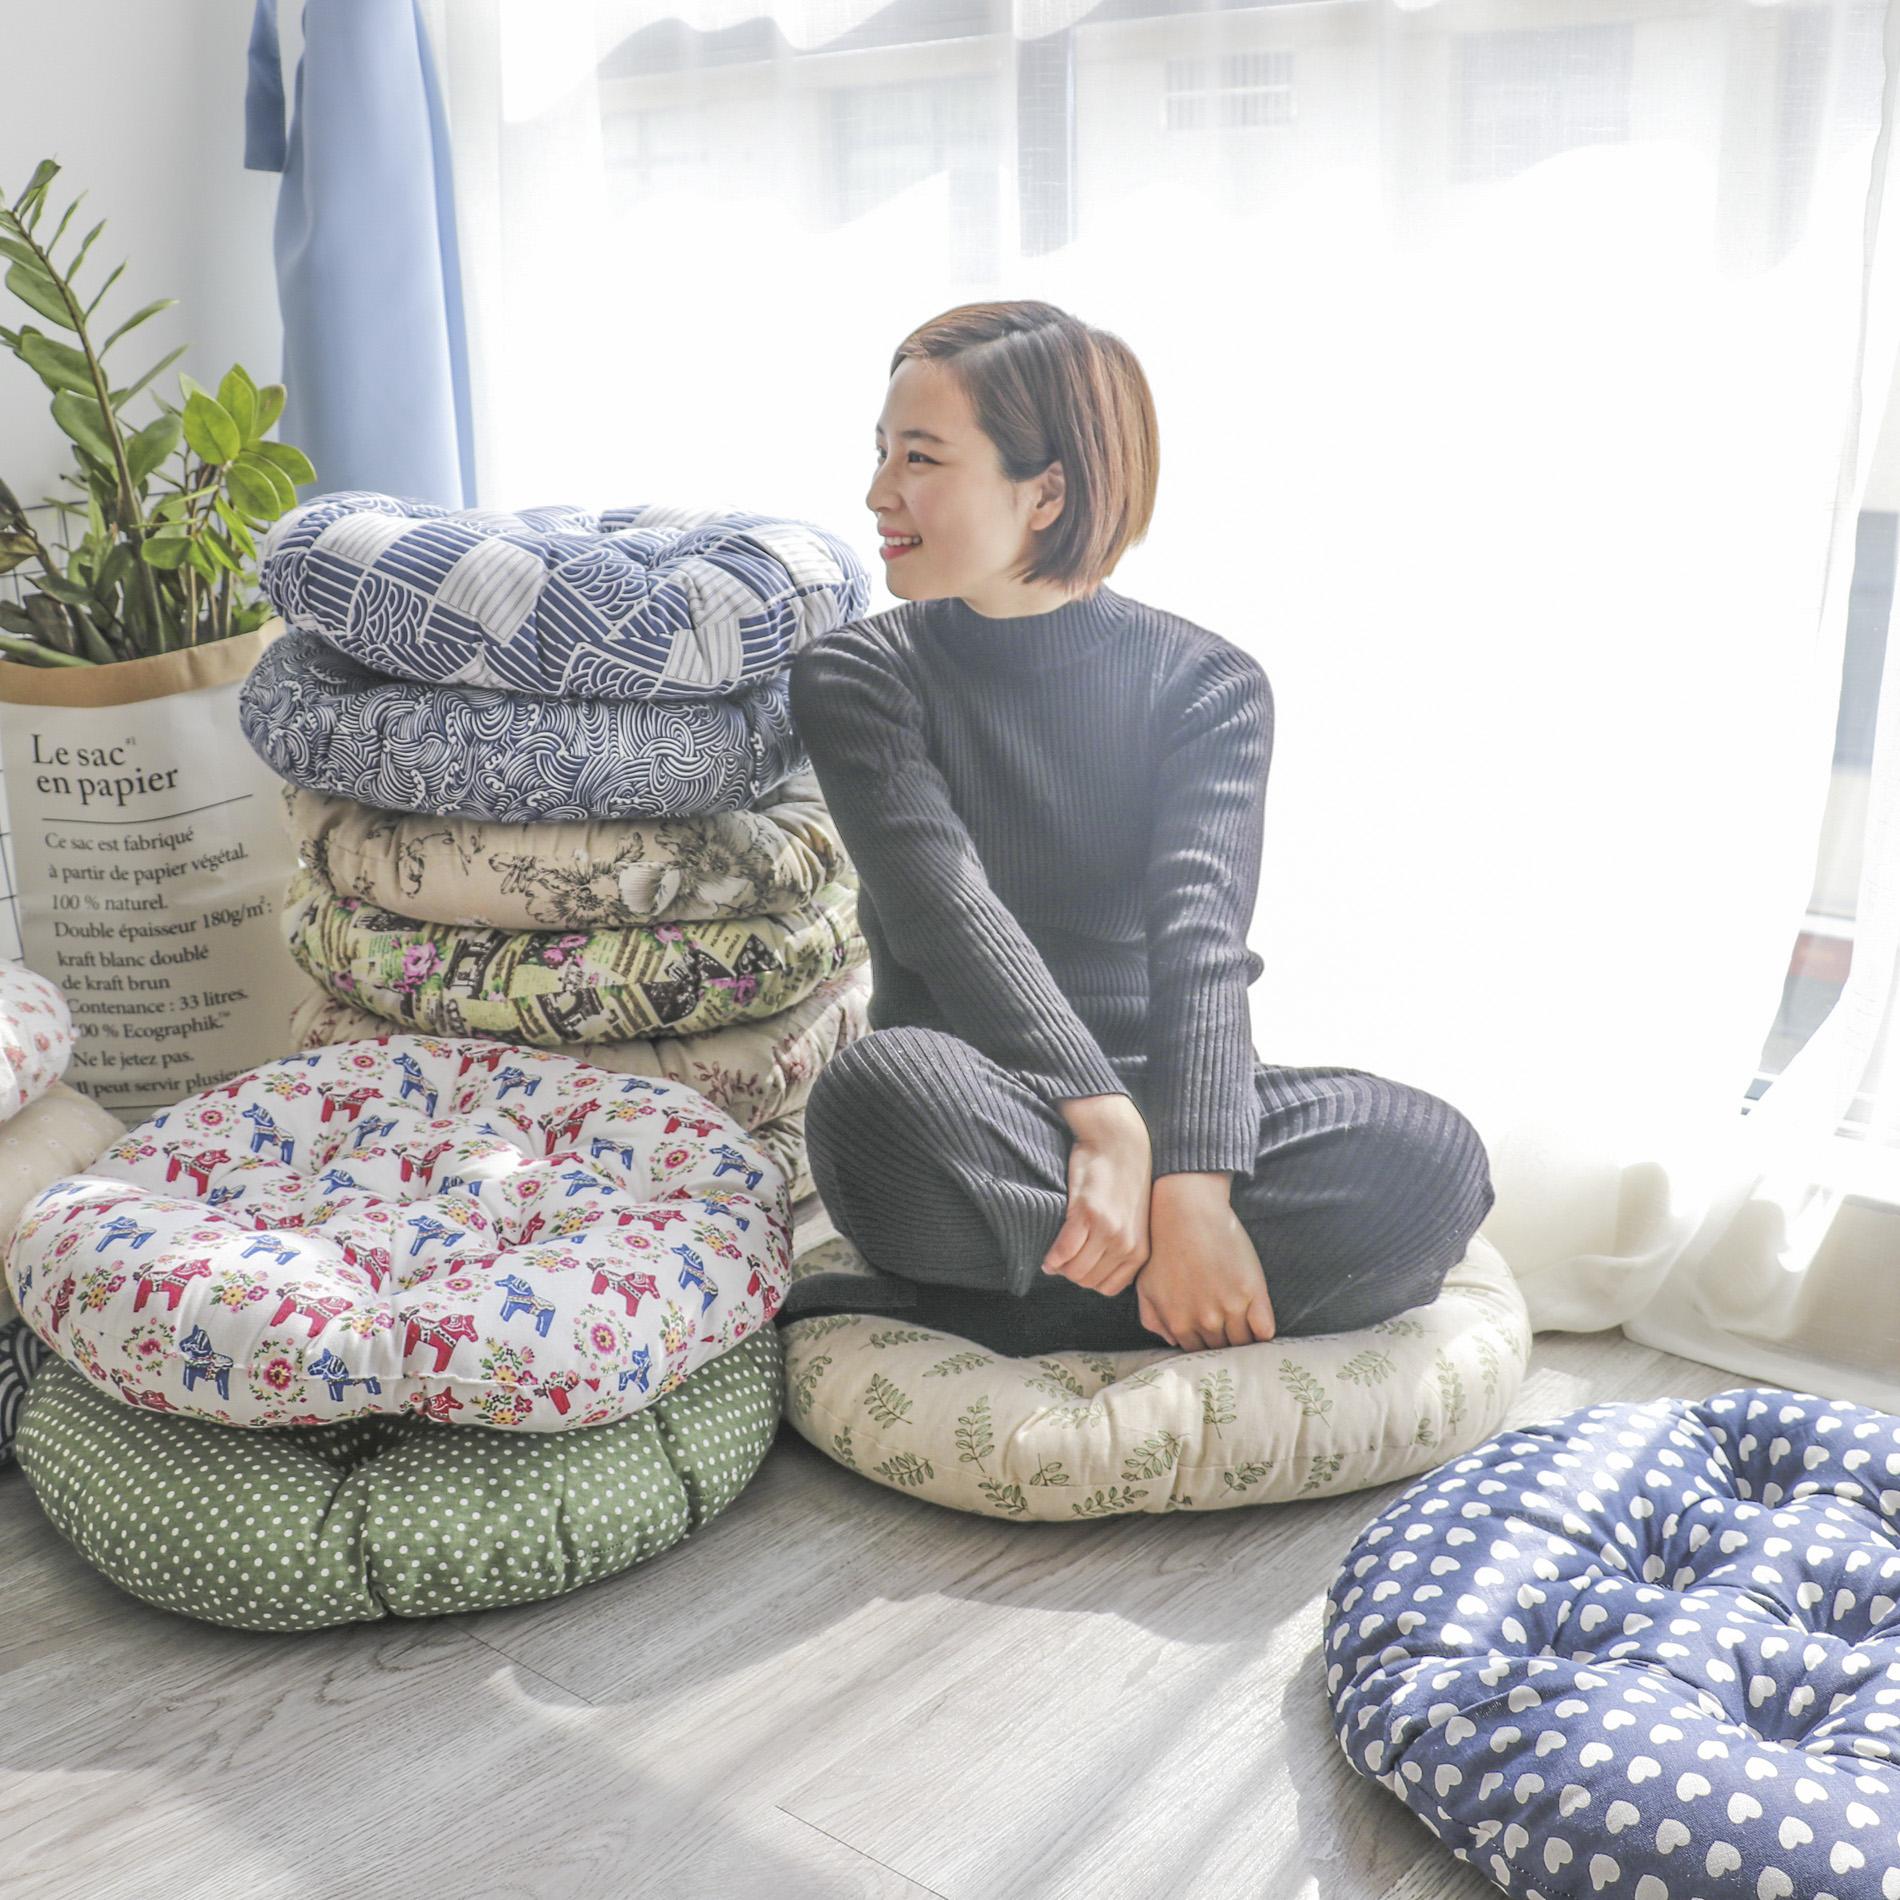 Японск-тип хлопок Льняное искусство футон мата татами круглый плавающий окно подушка утепленный панель Стул подушки студент мягкой кошки собака